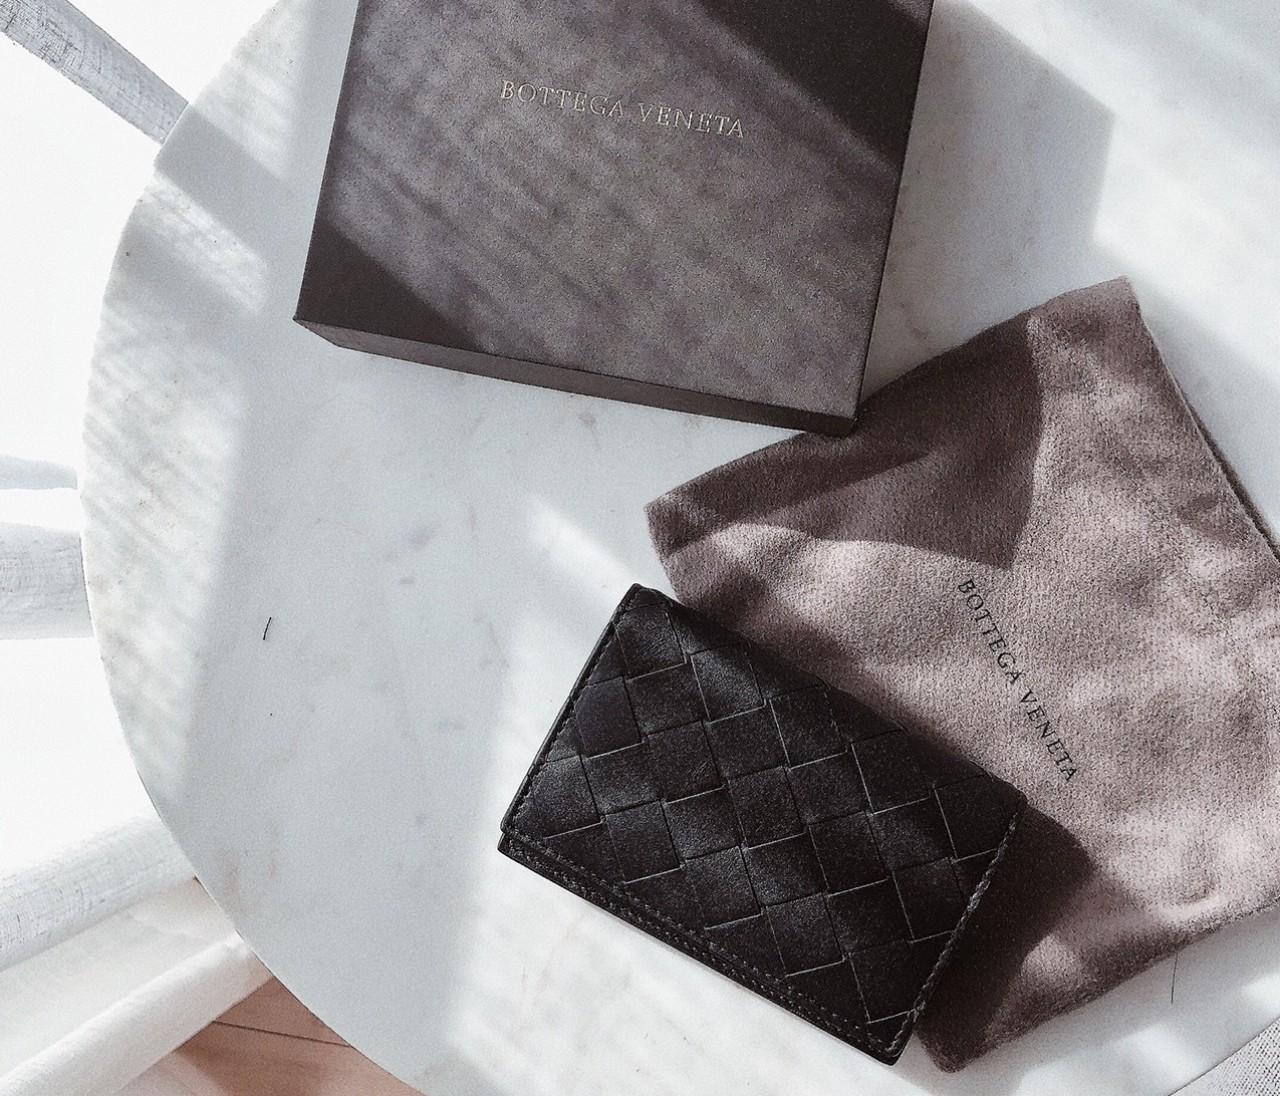 【30代からの名品小物】新生ボッテガ・ヴェネタのカードケース